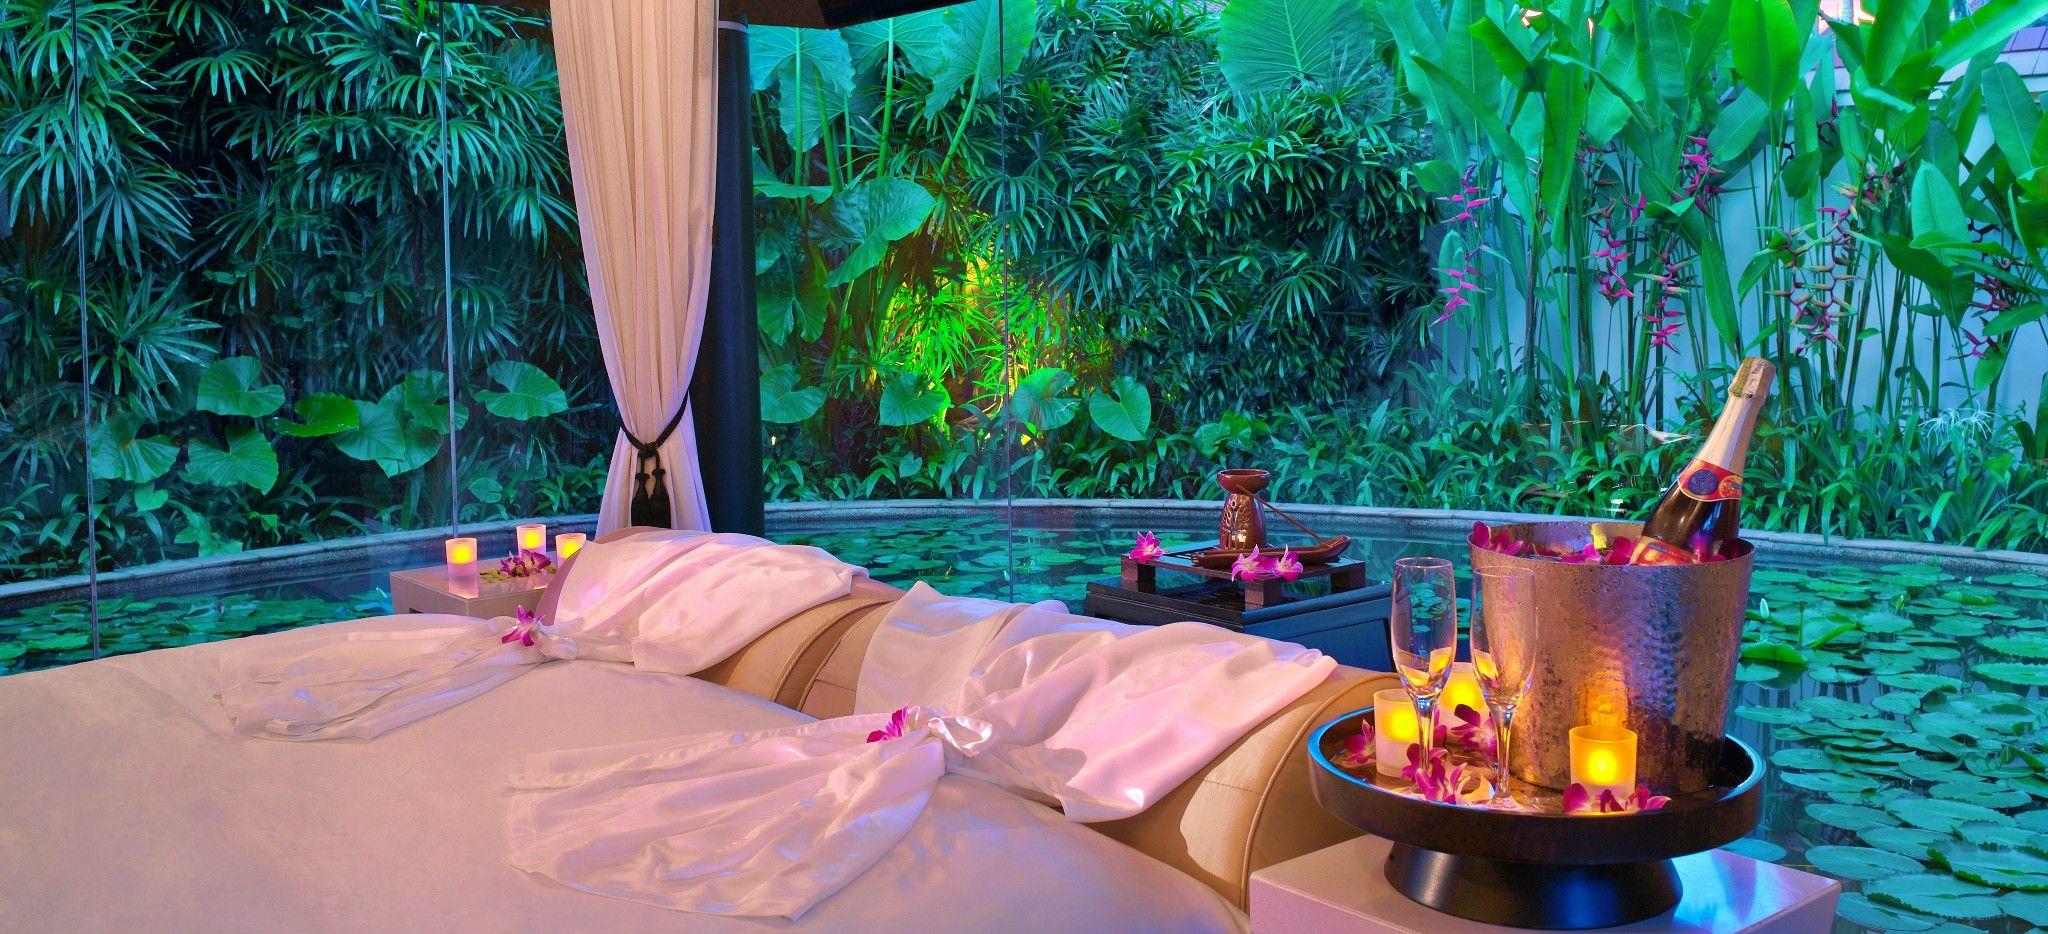 Ein Schlafzimmer mit Blick auf einen Teich und Eine Flasche Champagner daneben